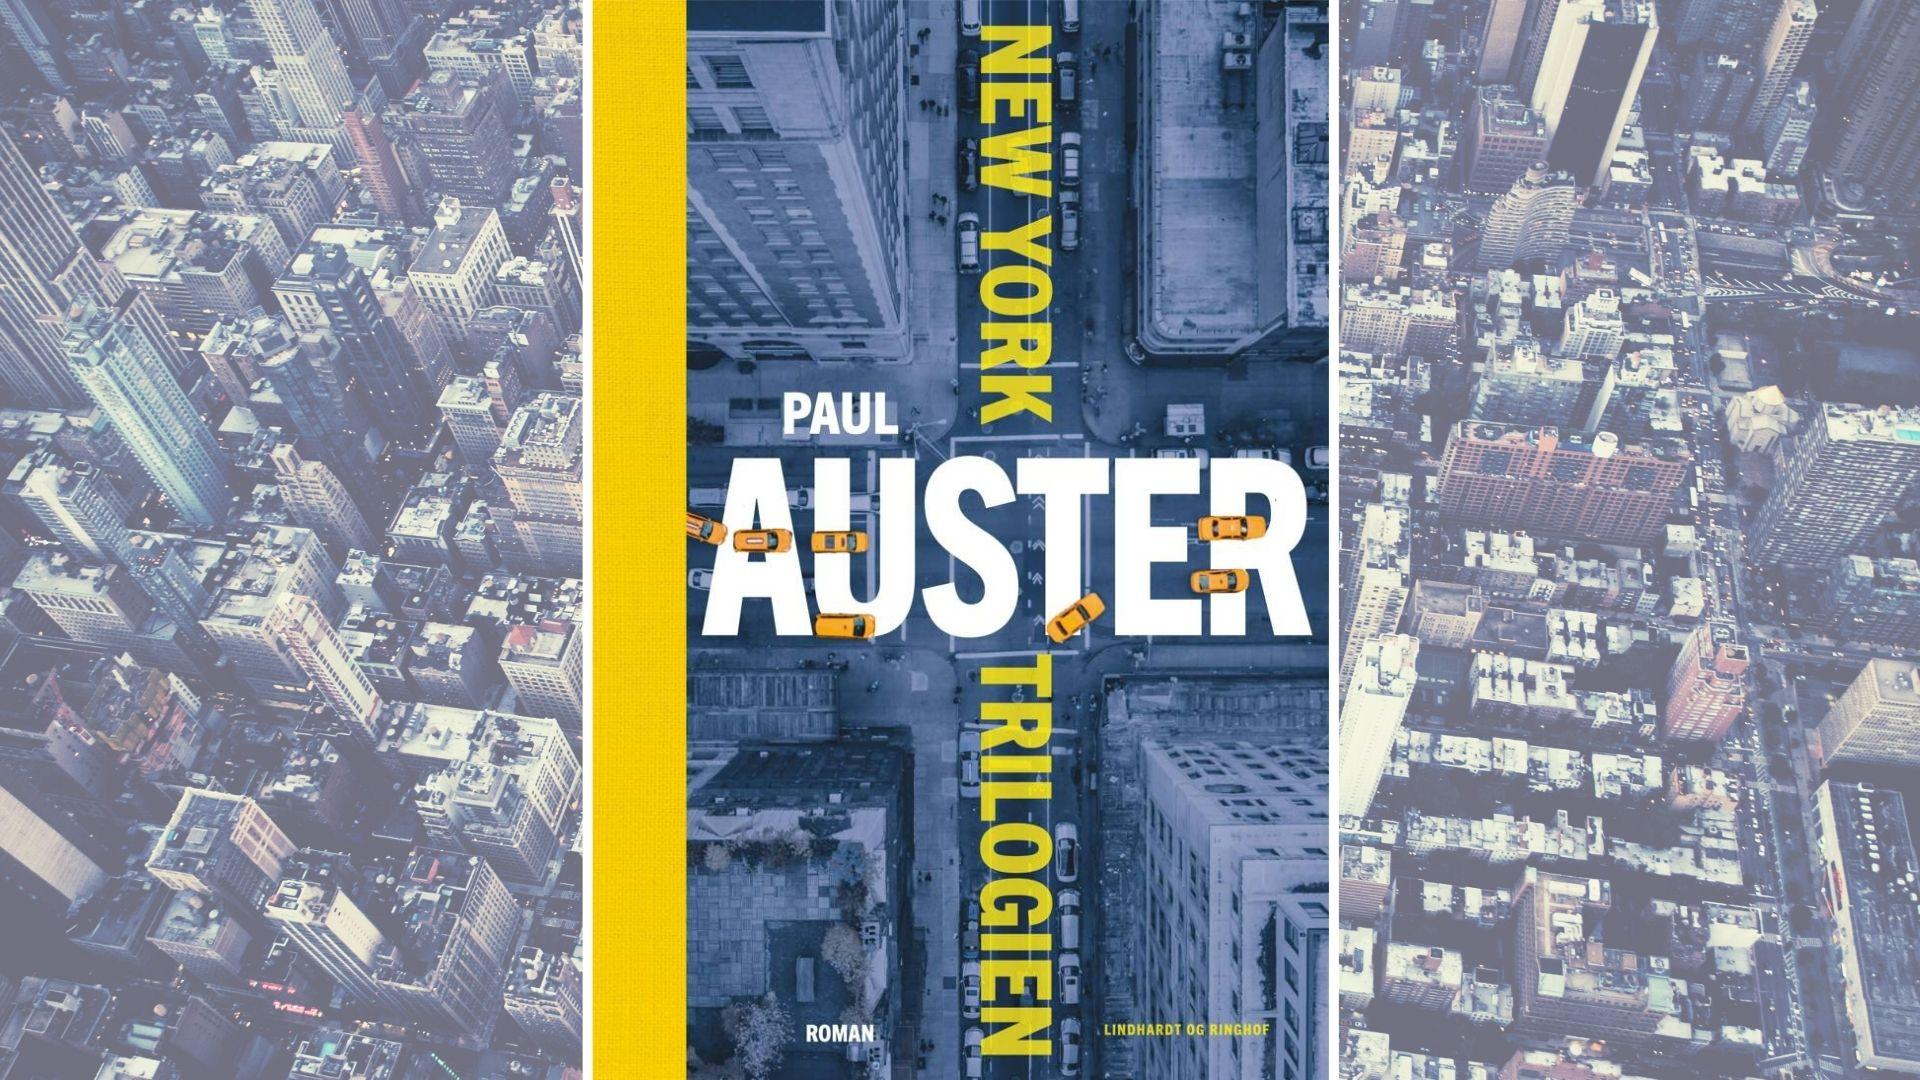 paul auster, new york trilogien, by af glas, genfaerd, det aflaaste rum